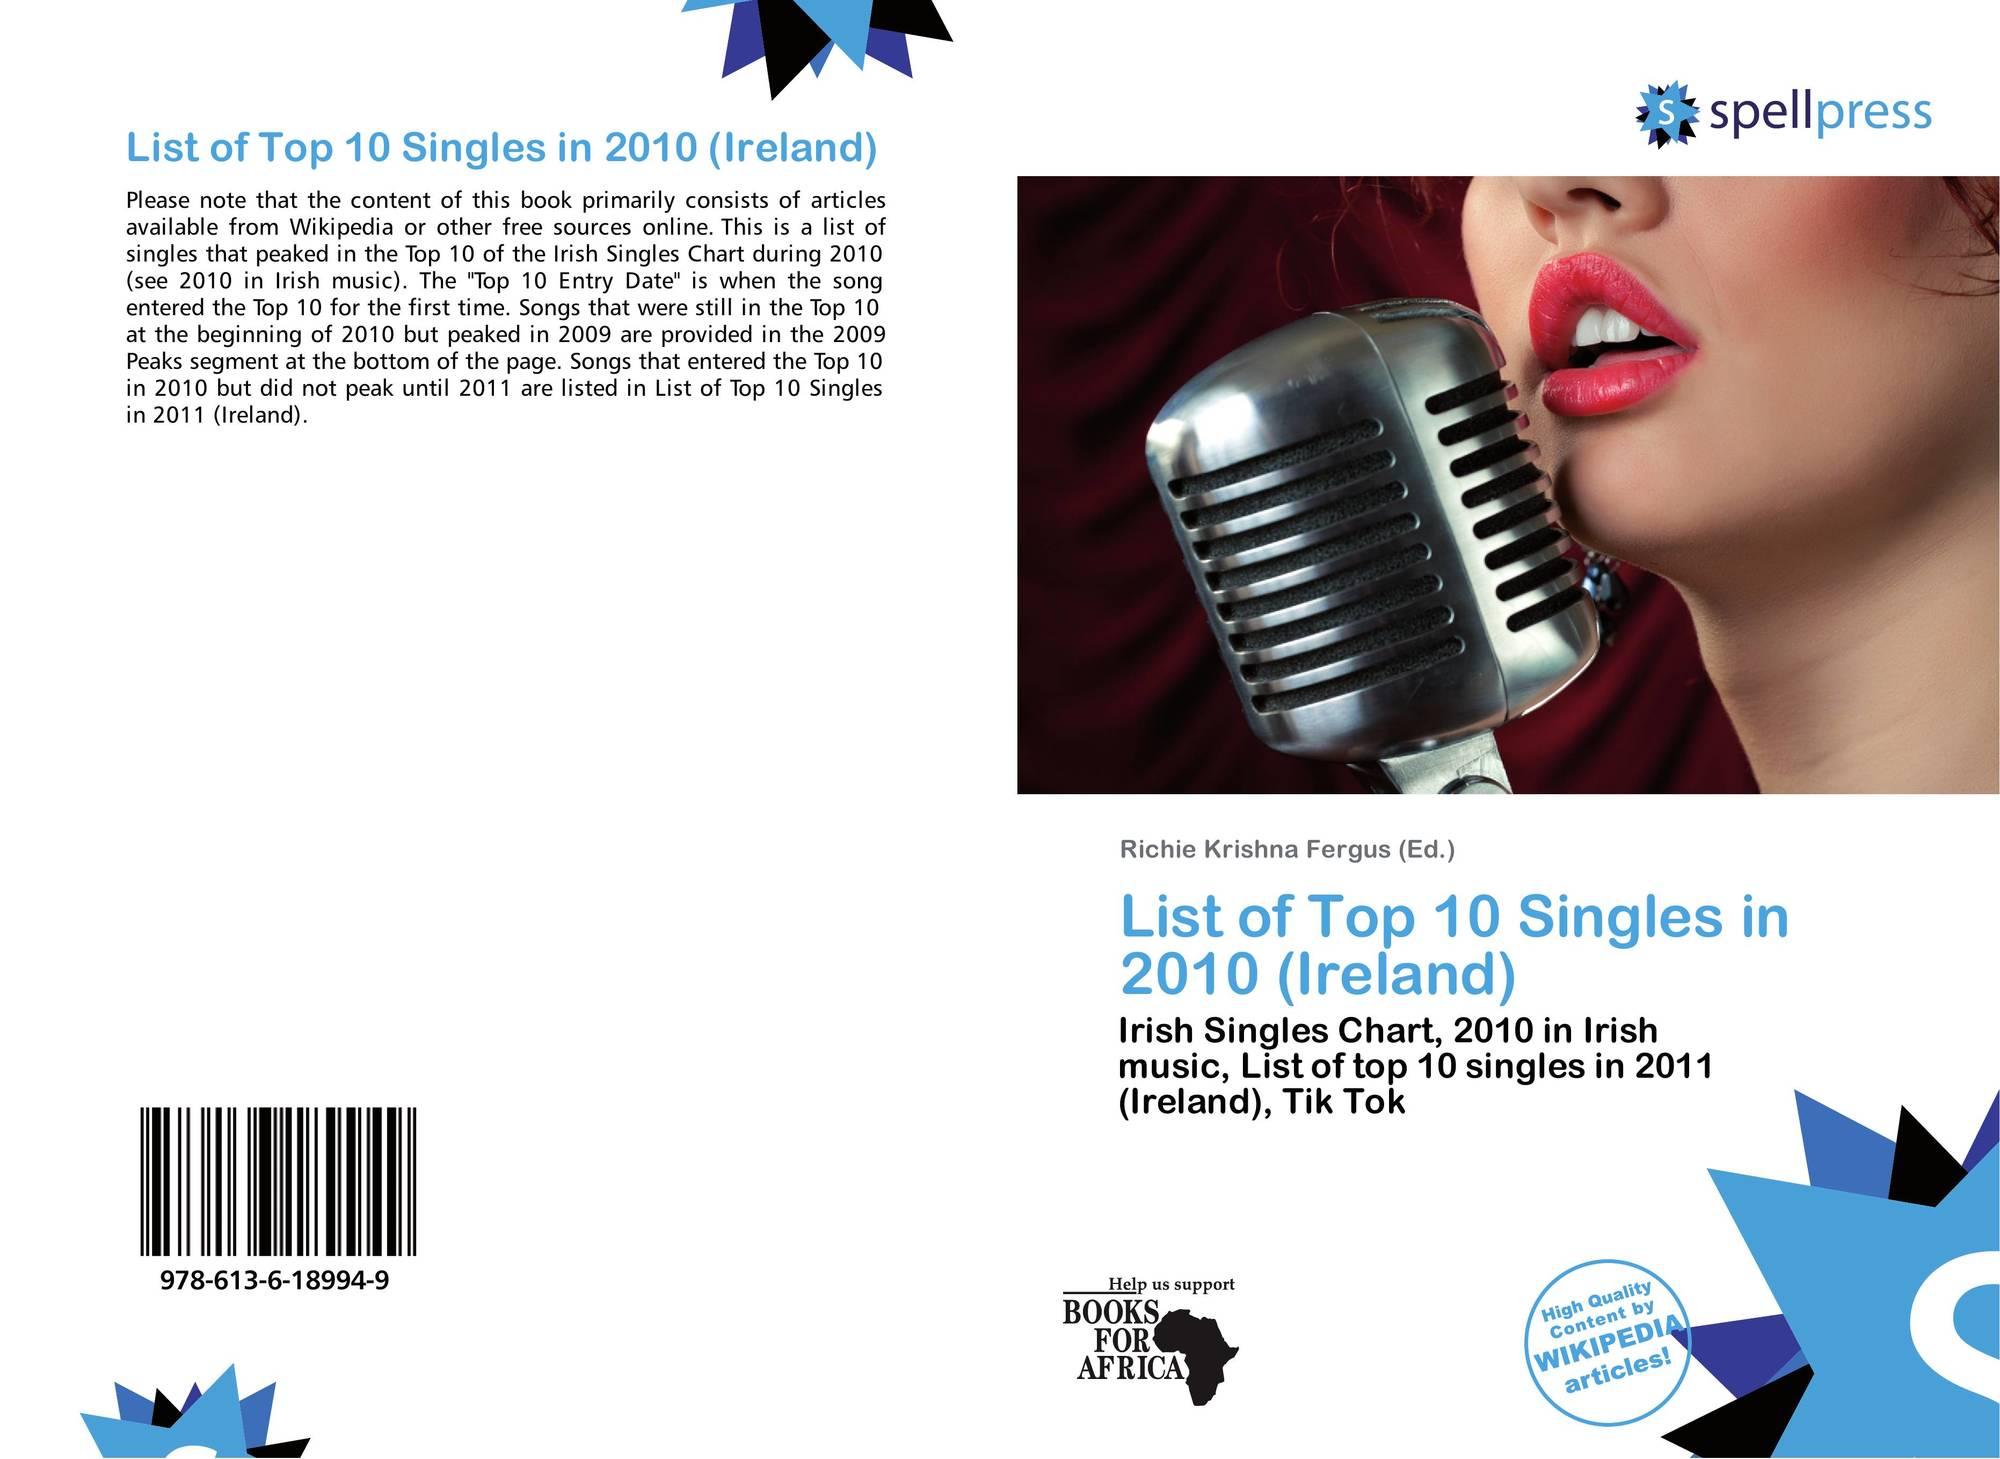 List of Top 10 Singles in 2010 (Ireland), 978-613-6-18994-9